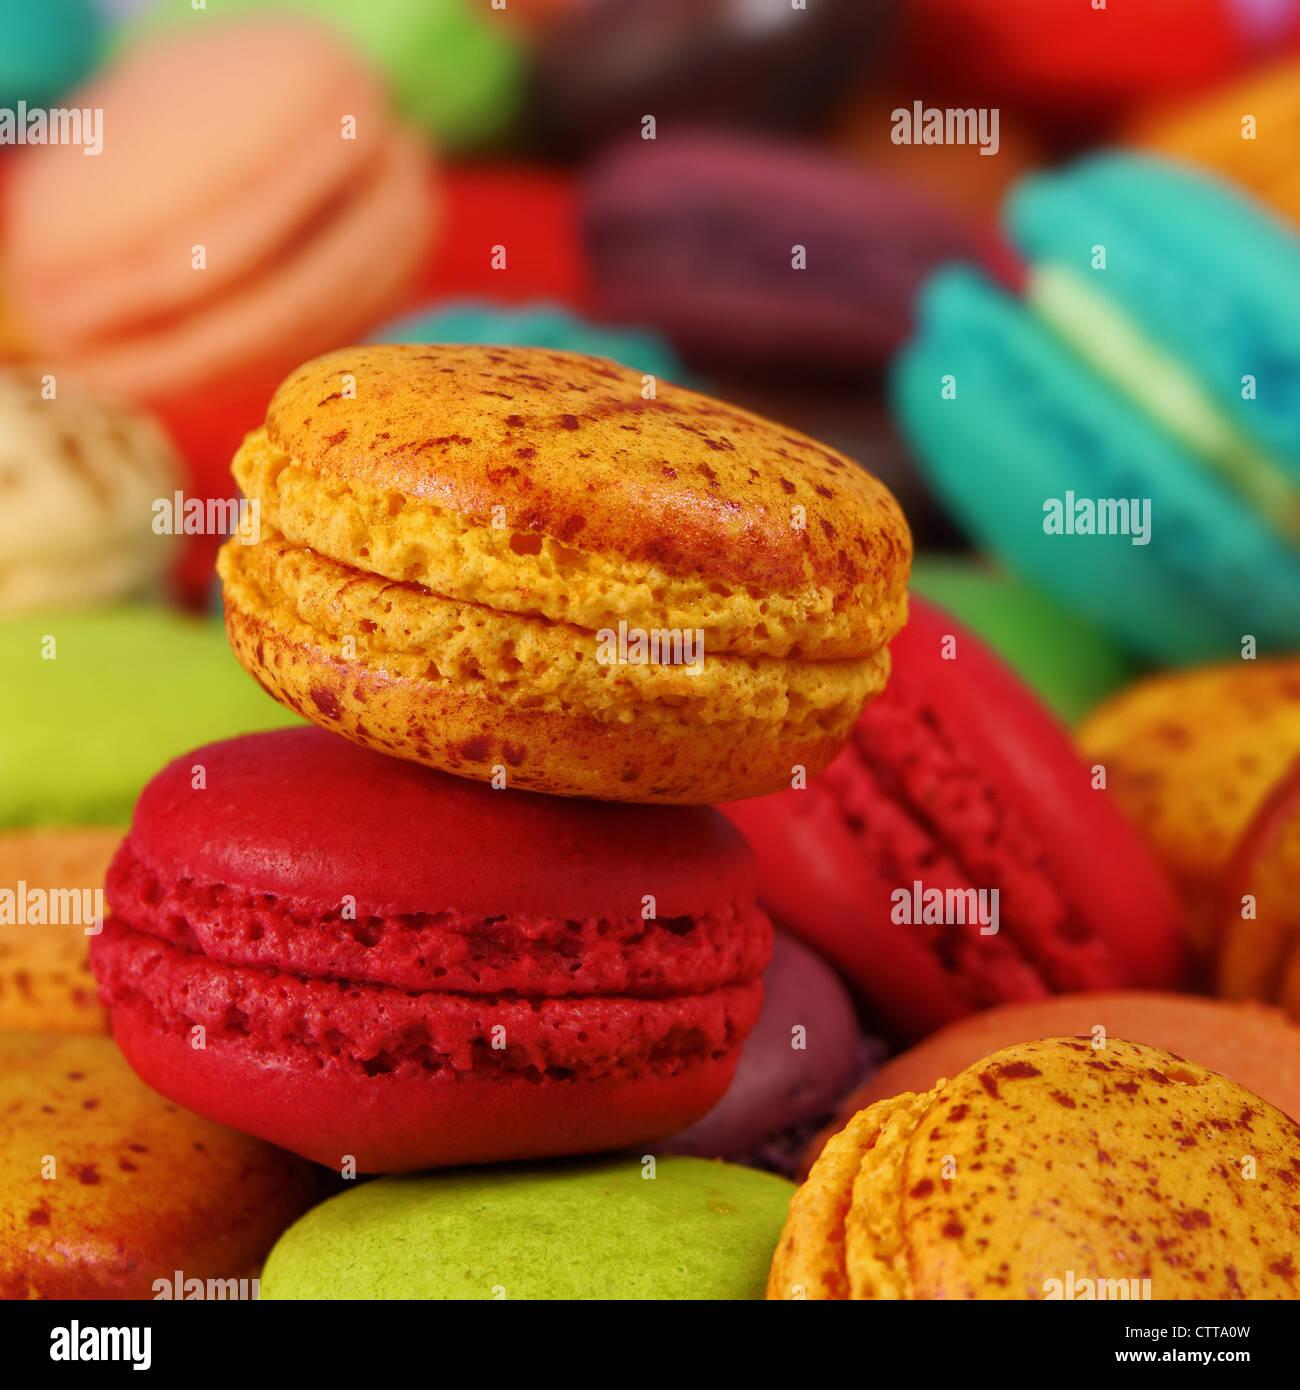 Macarons pamplemousse et cerise sur un assortiment de macarons colorés Photo Stock